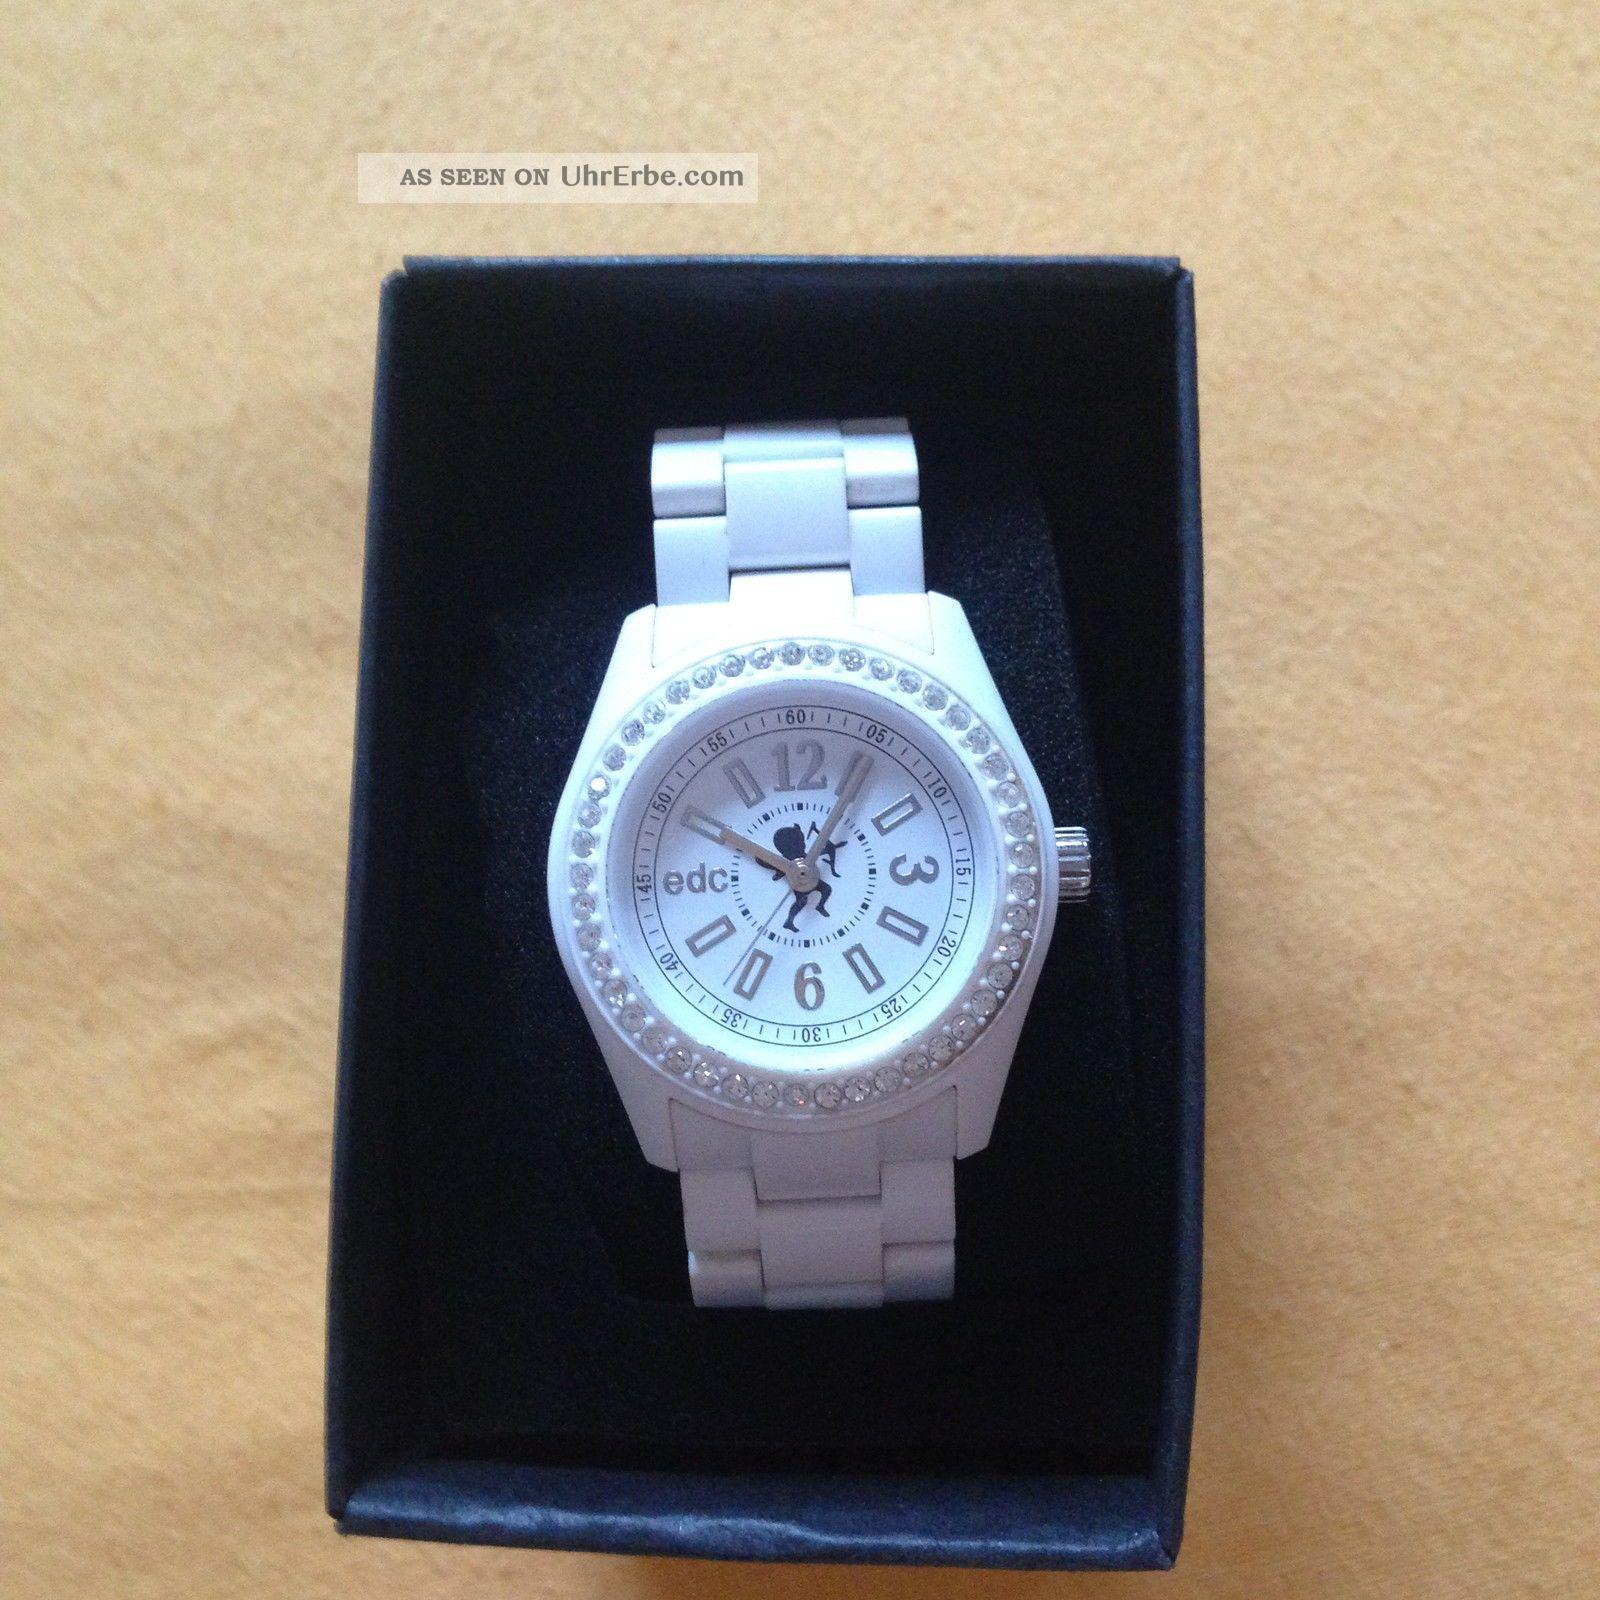 Esprit Uhr,  Edc,  Weiß,  Ungetragen,  Mit Etikett,  Originalverpackung,  Amor Armbanduhren Bild